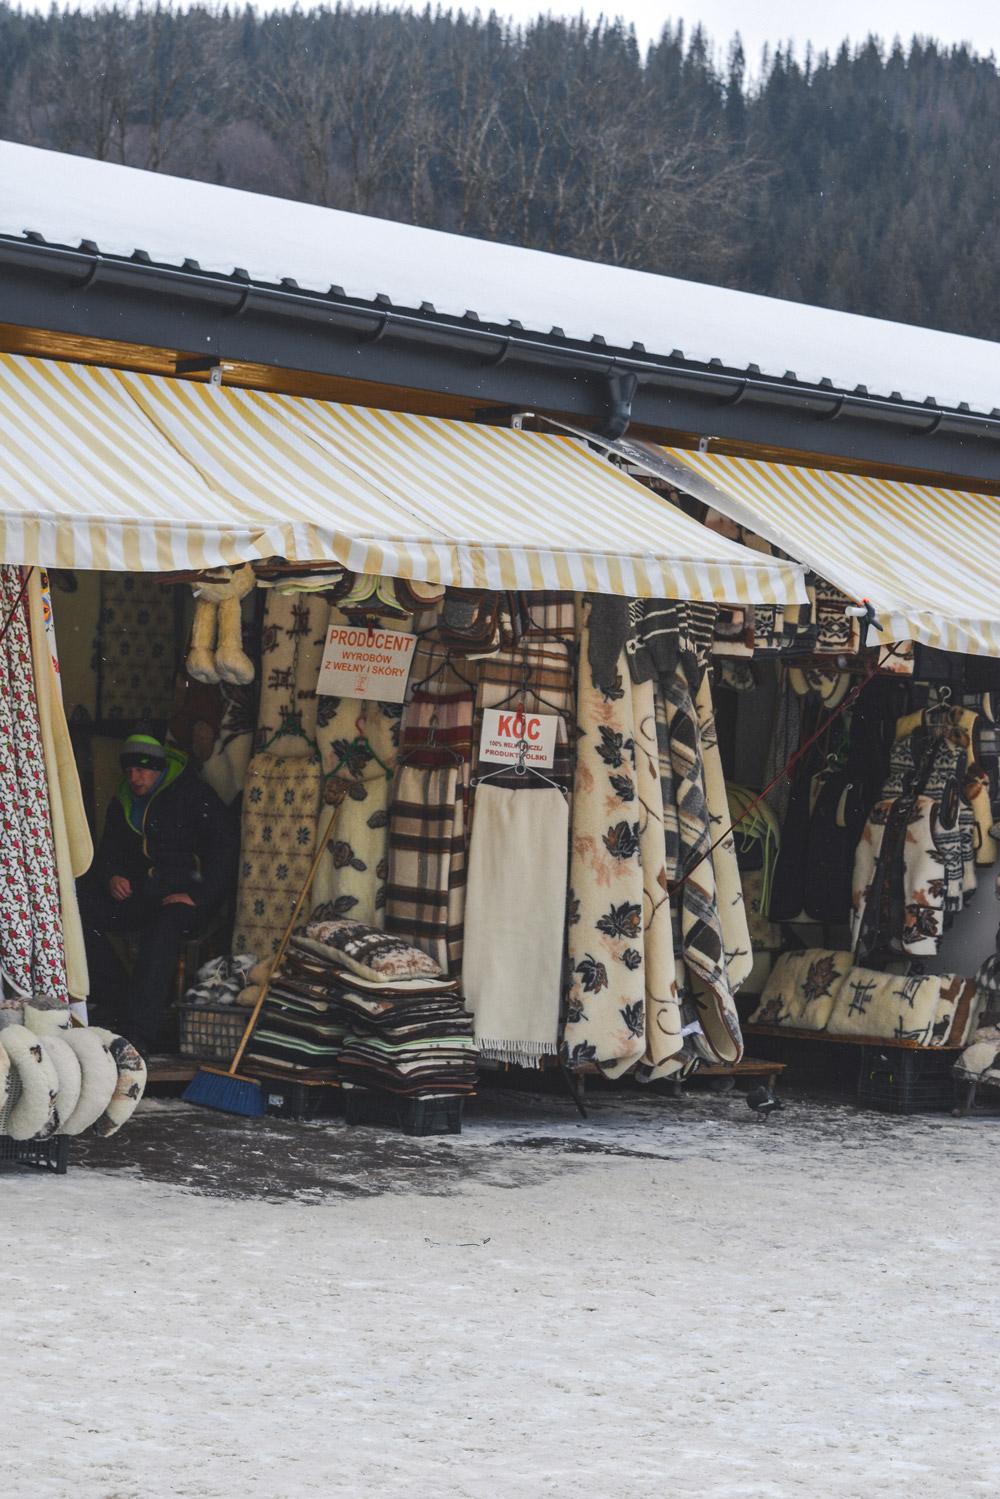 No mercado de Zakopane não faltam mantas para enfrentar o frio polaco